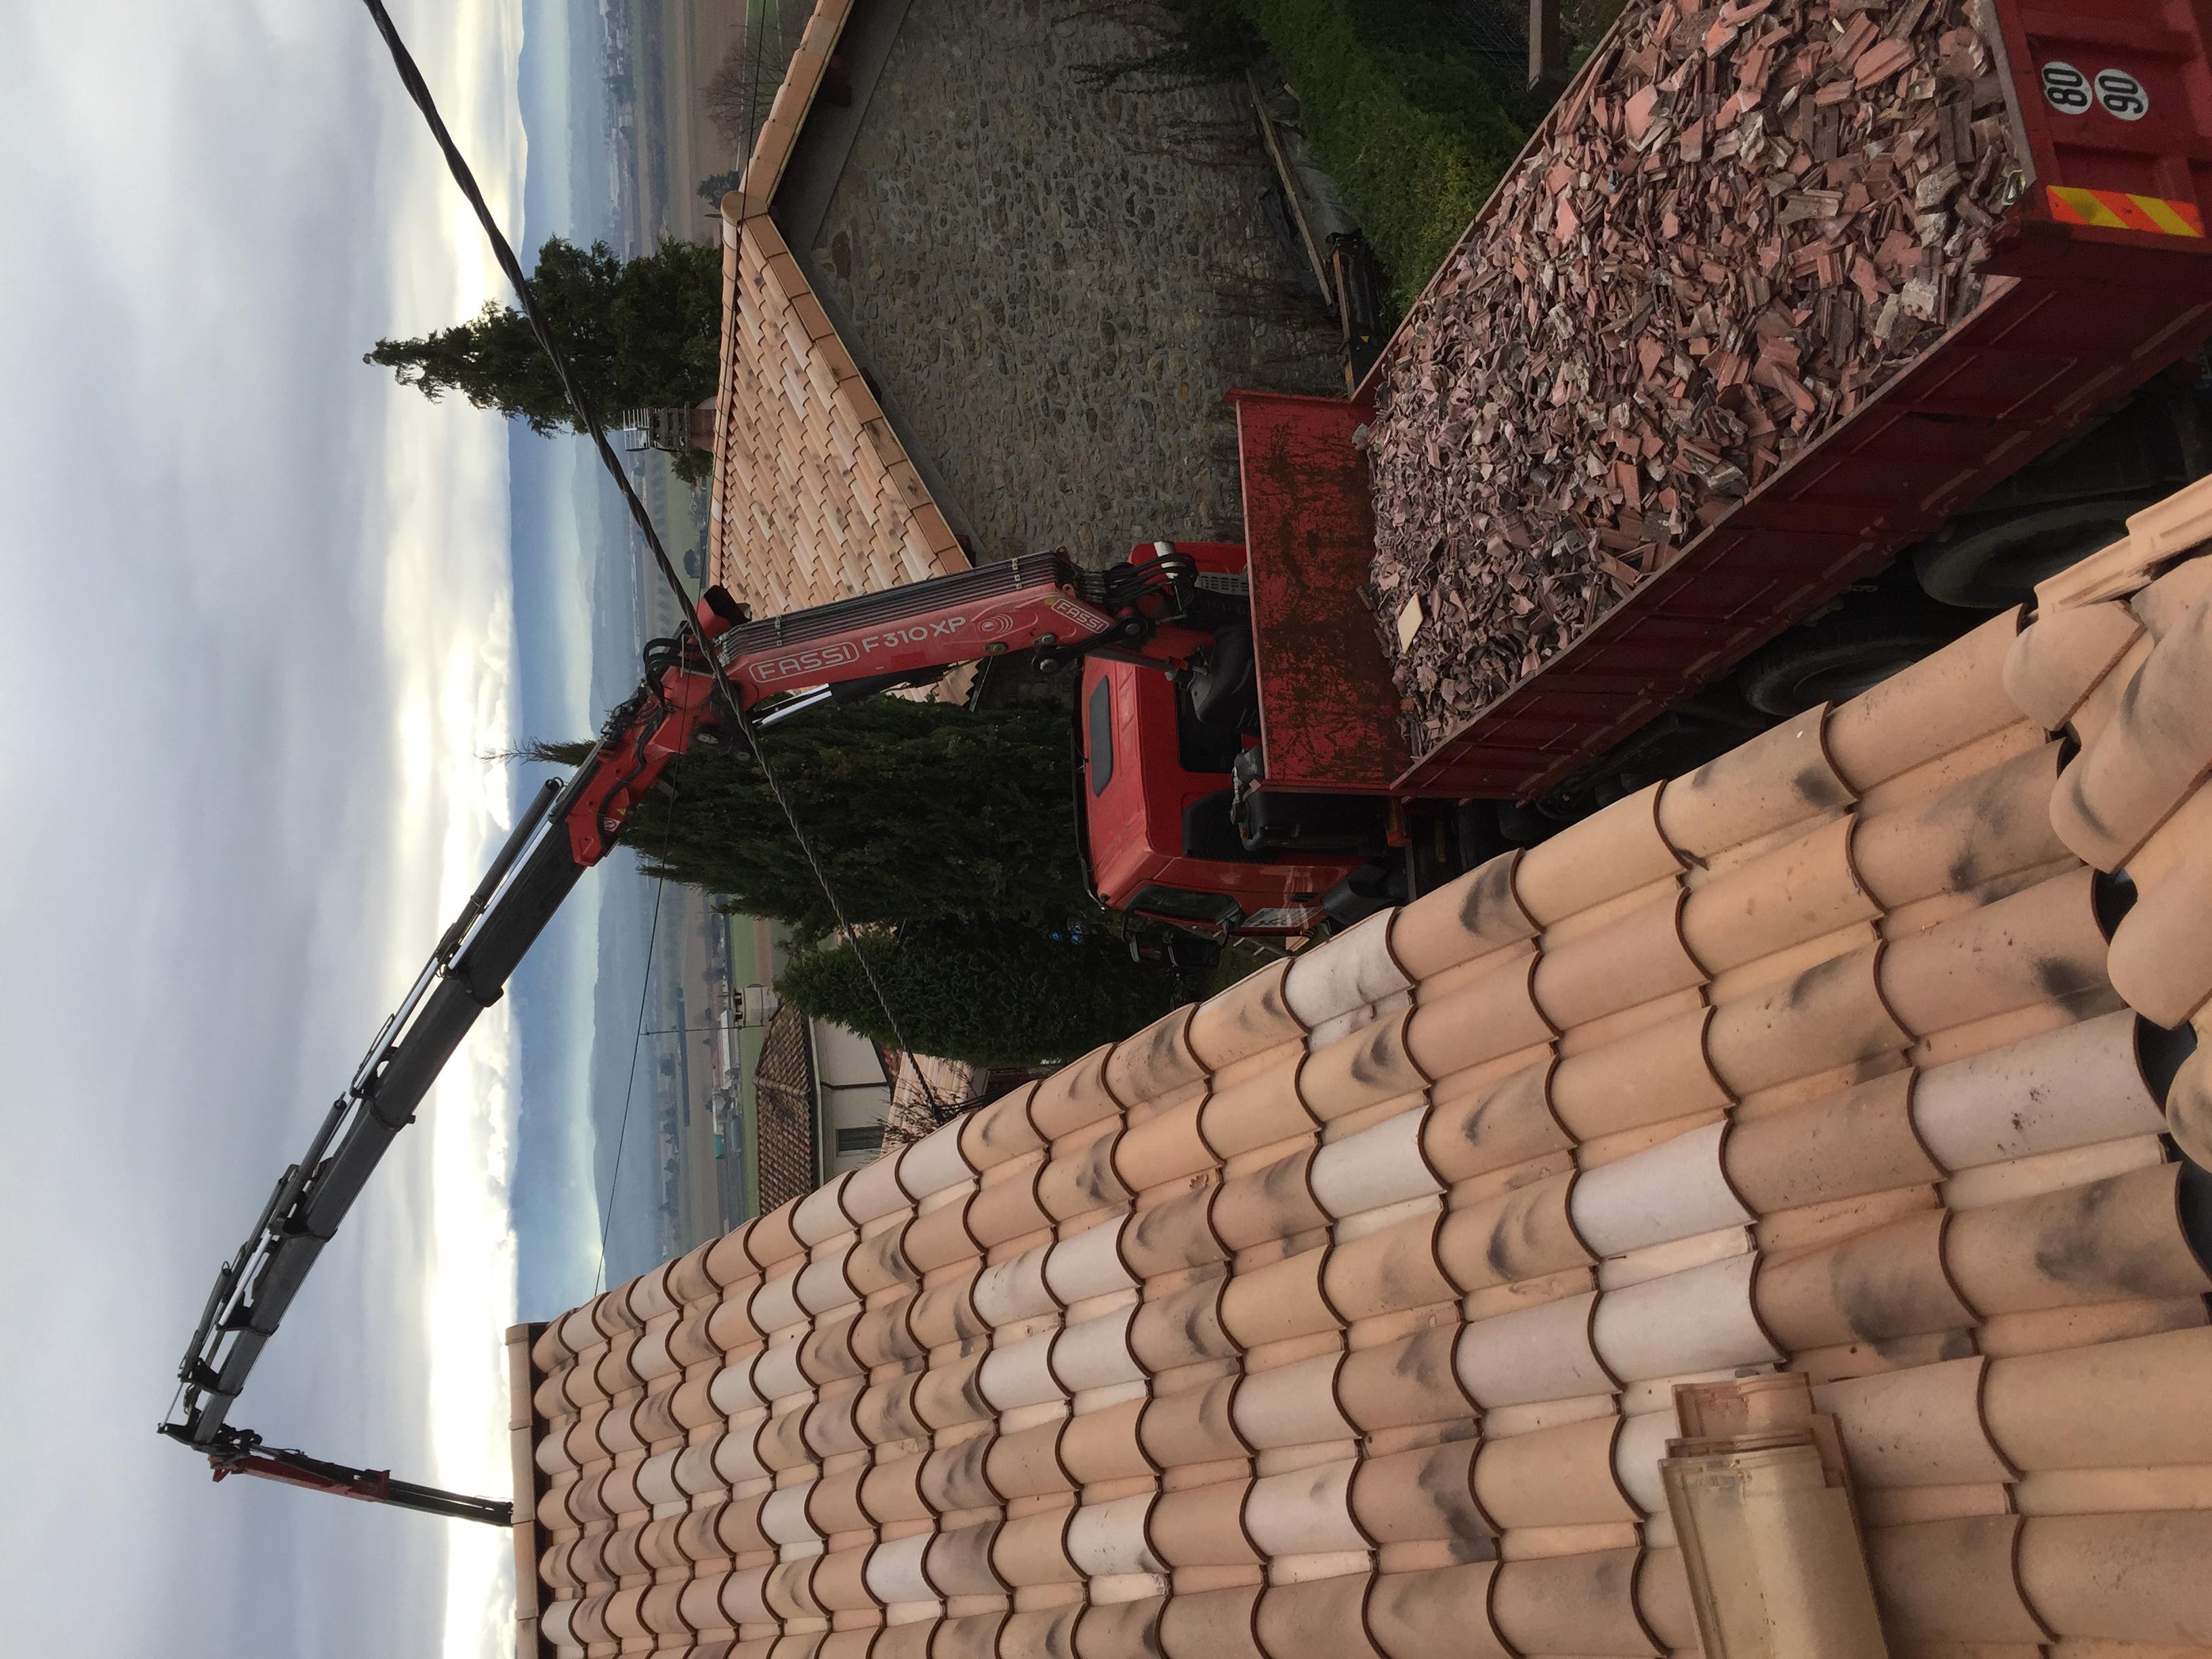 Couverture, tuile, charpente - Travaux de couverture de toiture à Romans-sur-Isère - Descombes ...